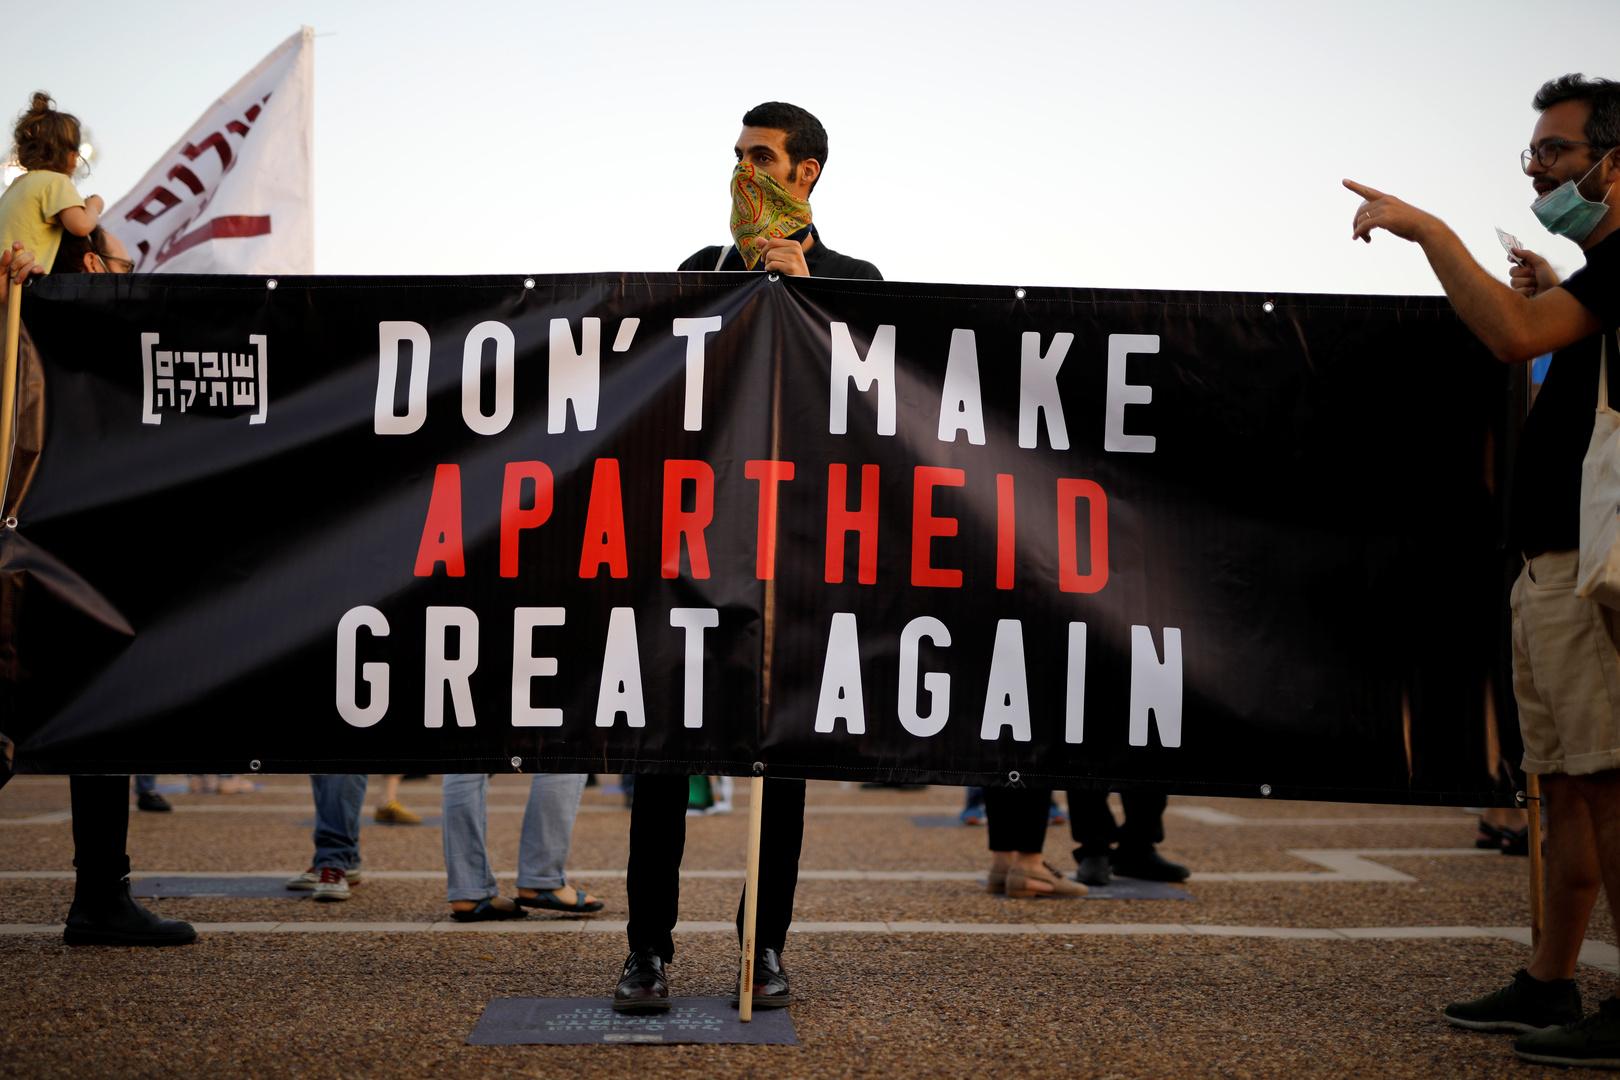 إسرائيل.. اعتقالات خلال احتجاجات في مدينة عربية على زيارة نتنياهو